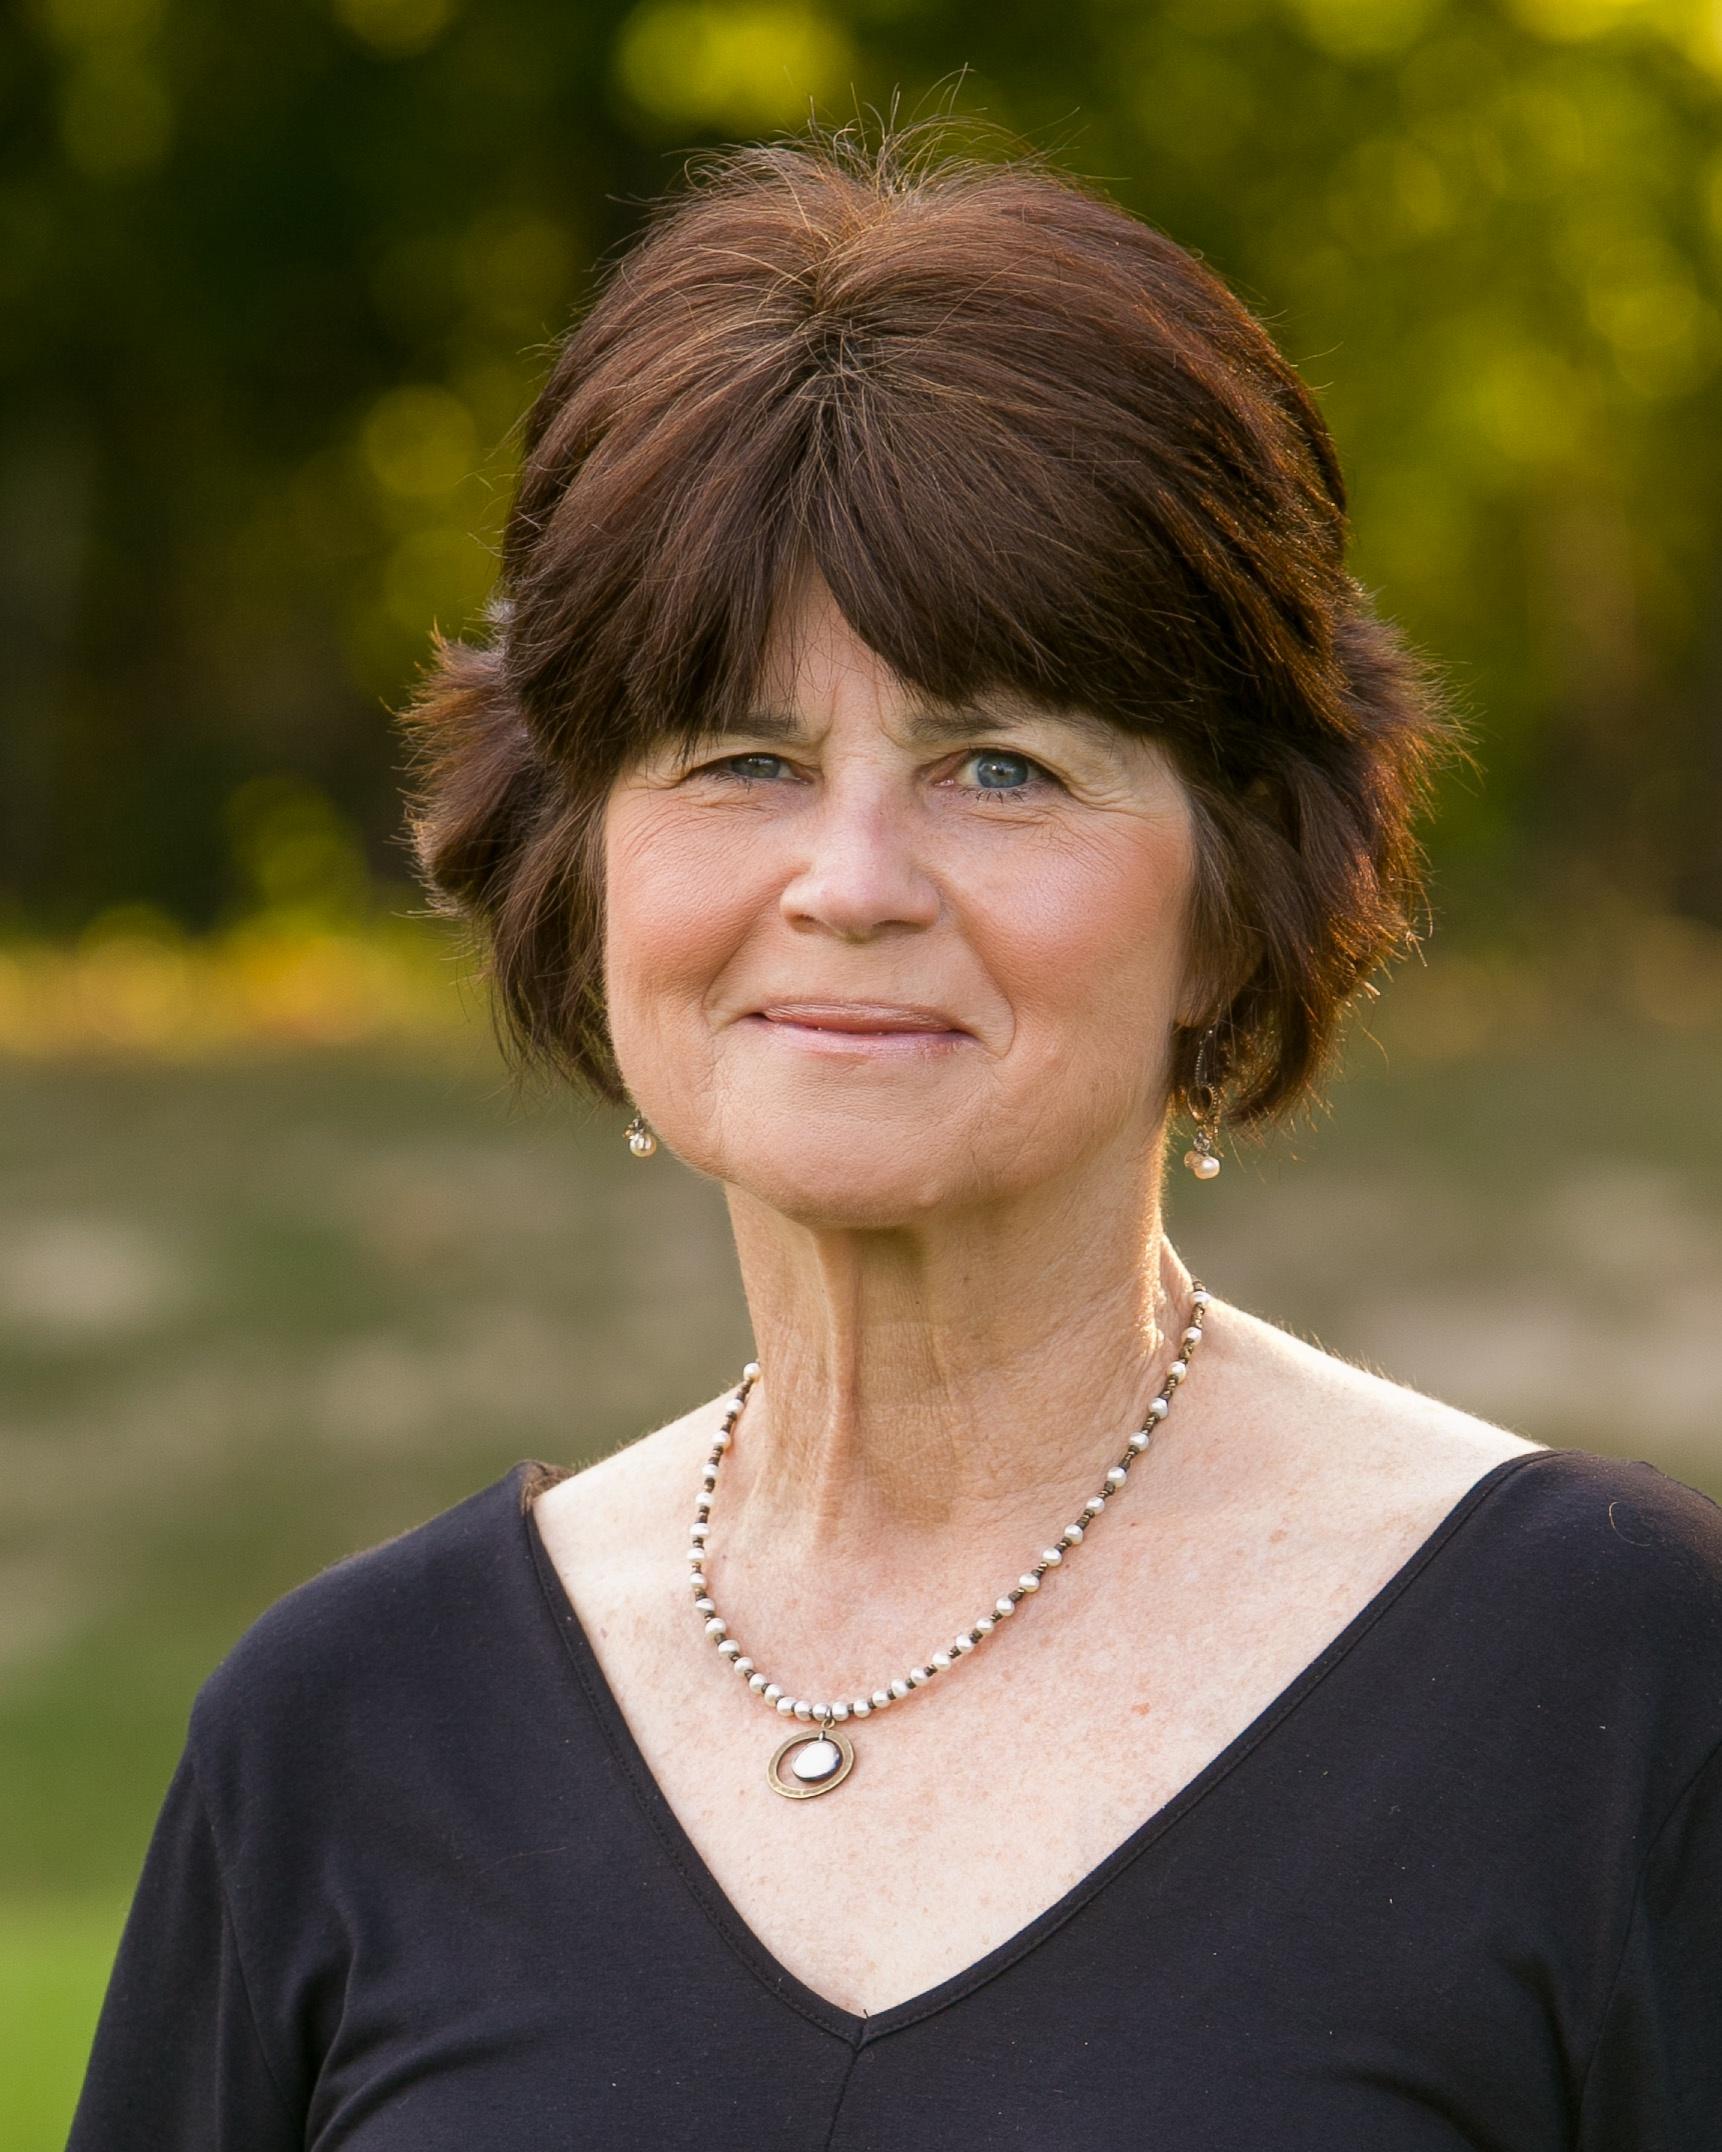 Jill Gavin